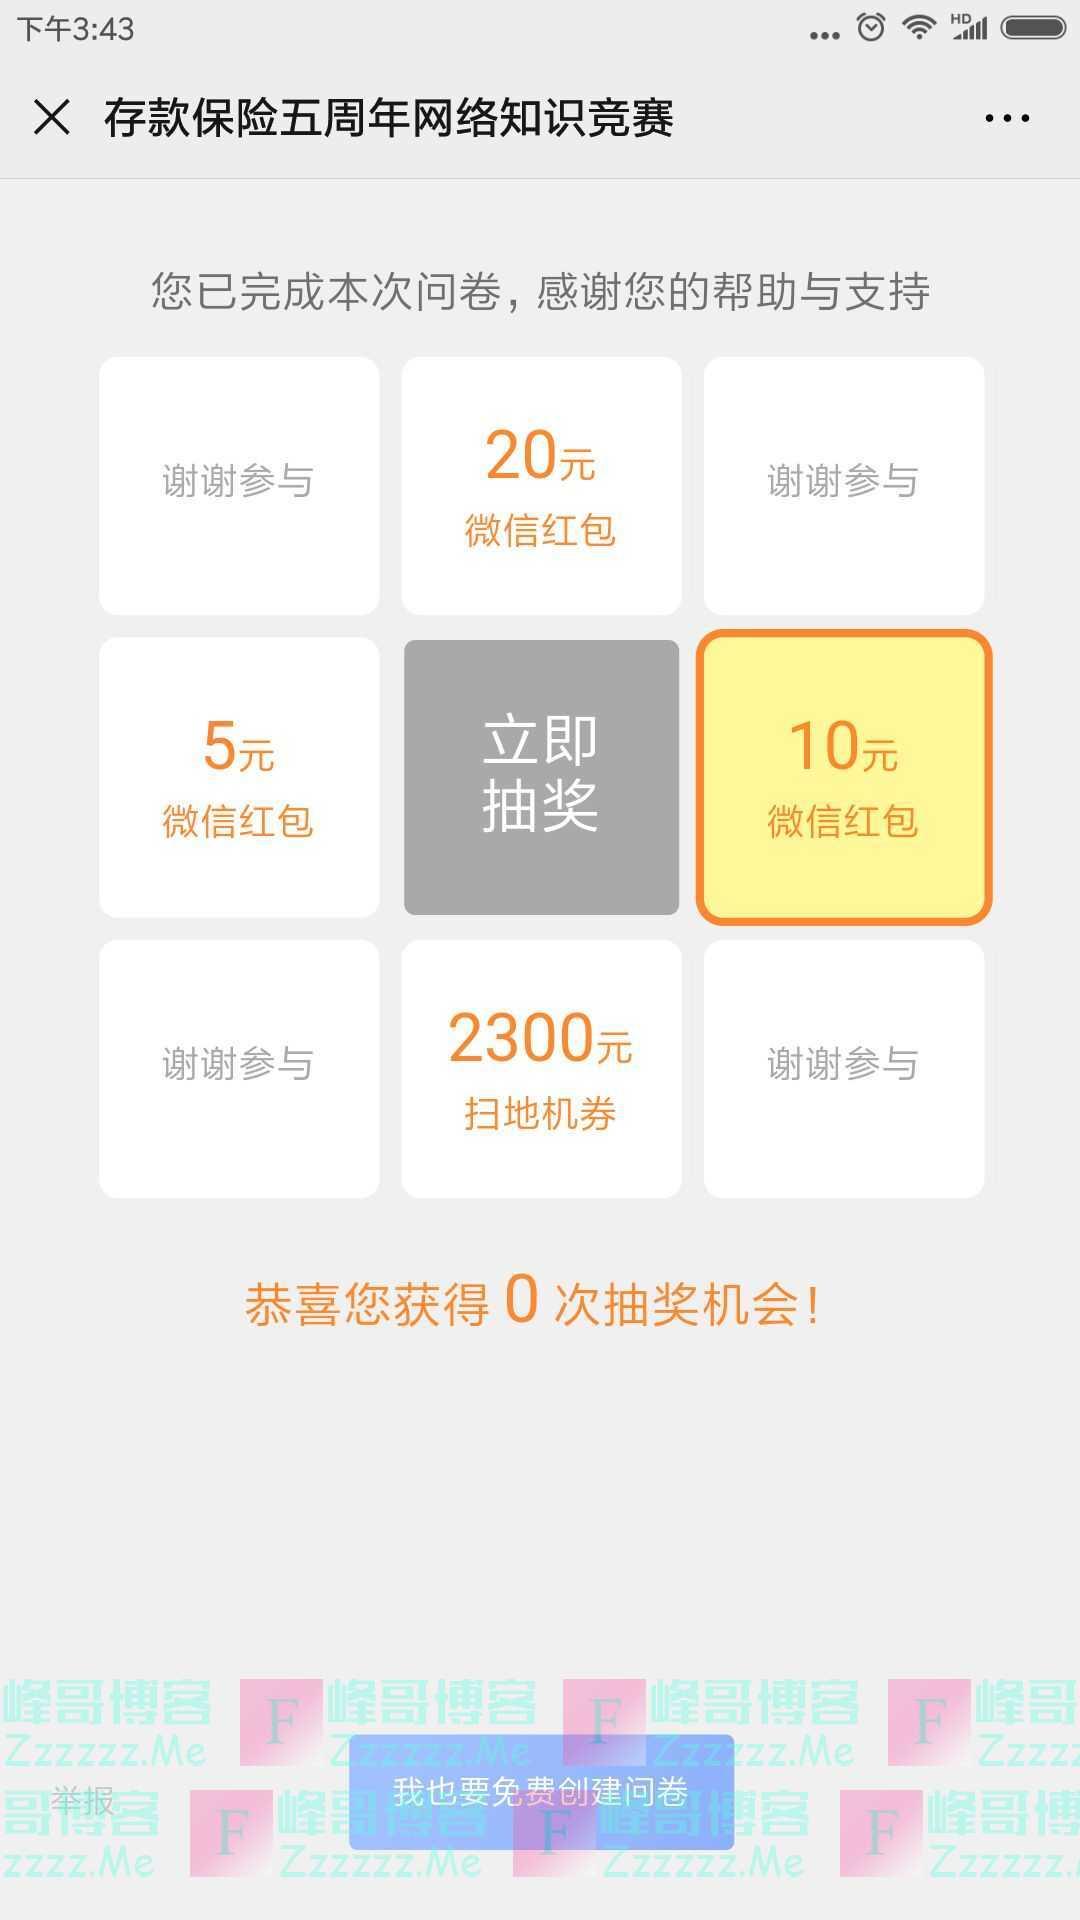 丰城顺银村镇银行存款保险五周年有奖知识竞赛(截止不详)